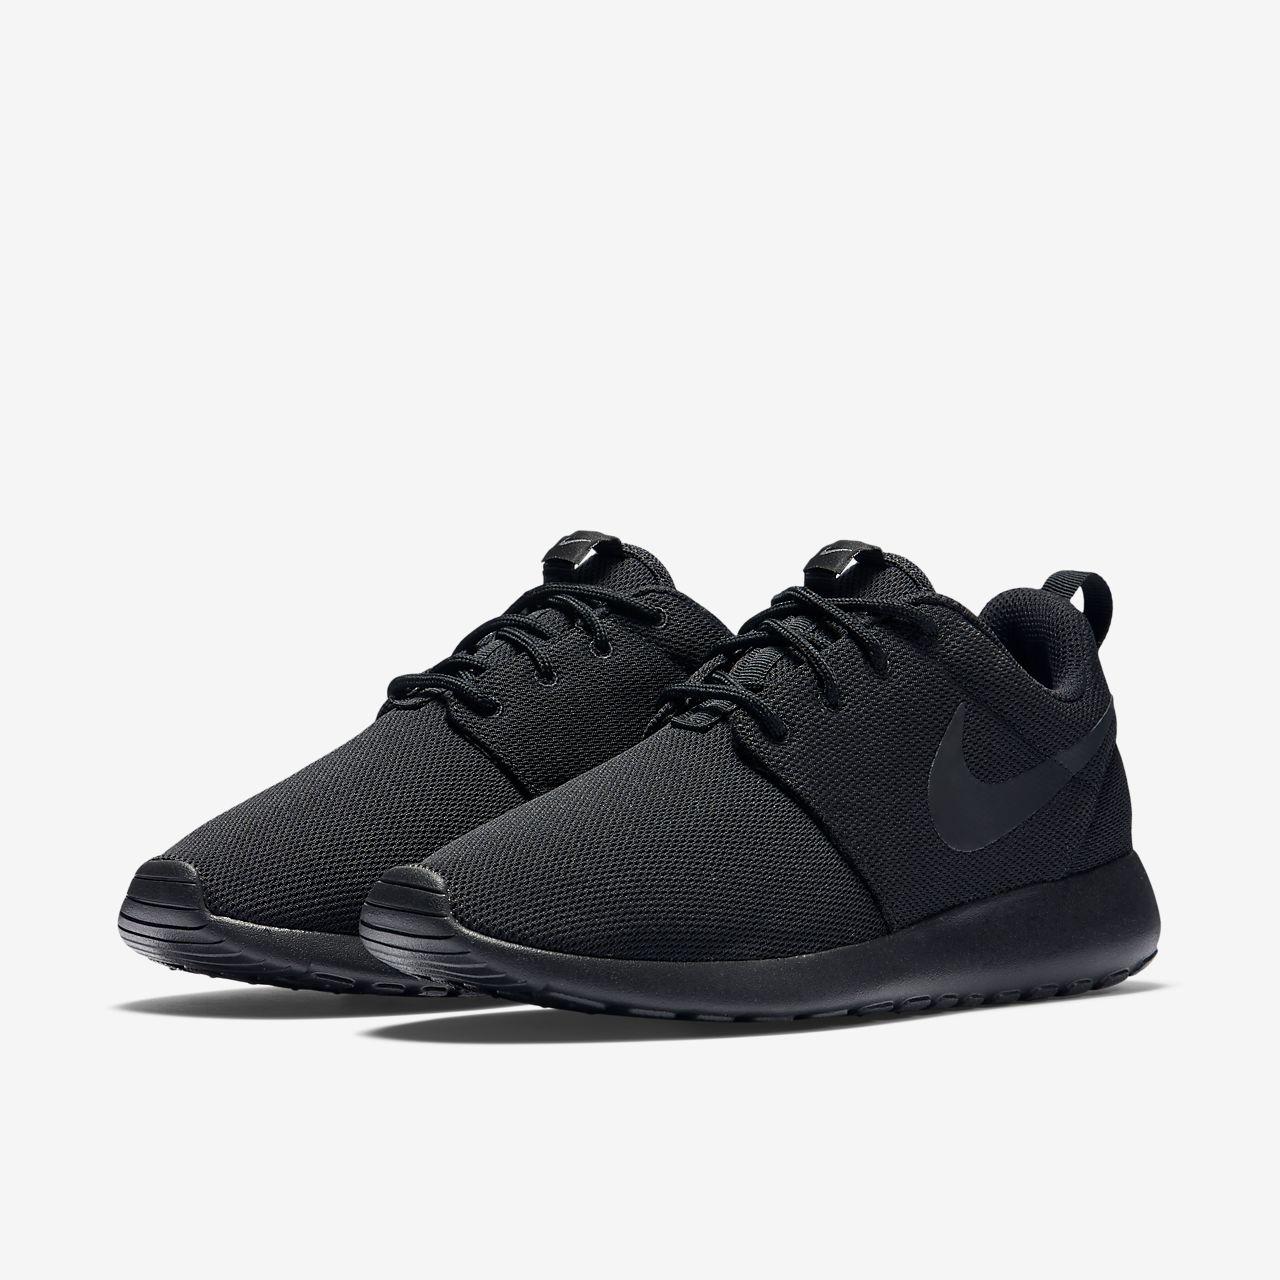 a5ce09eb6c8ff Roshe Nike Shoes Light Khaki